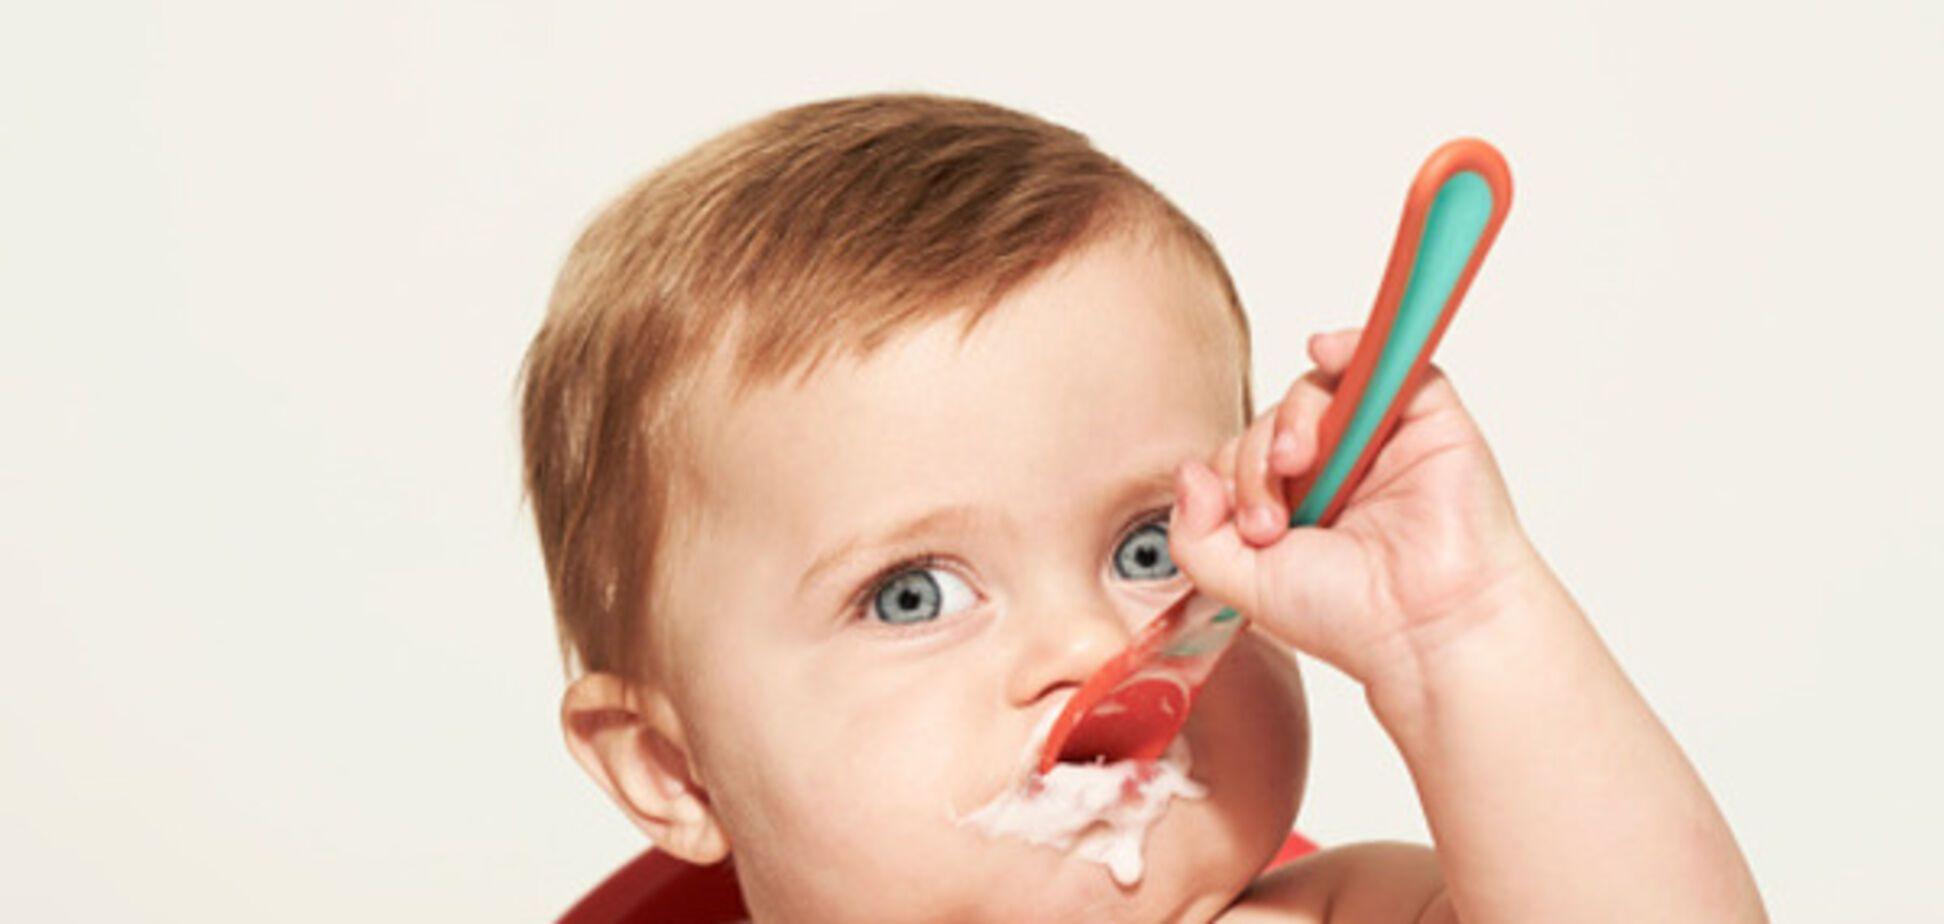 Прикорм дитини: названі основні помилки батьків